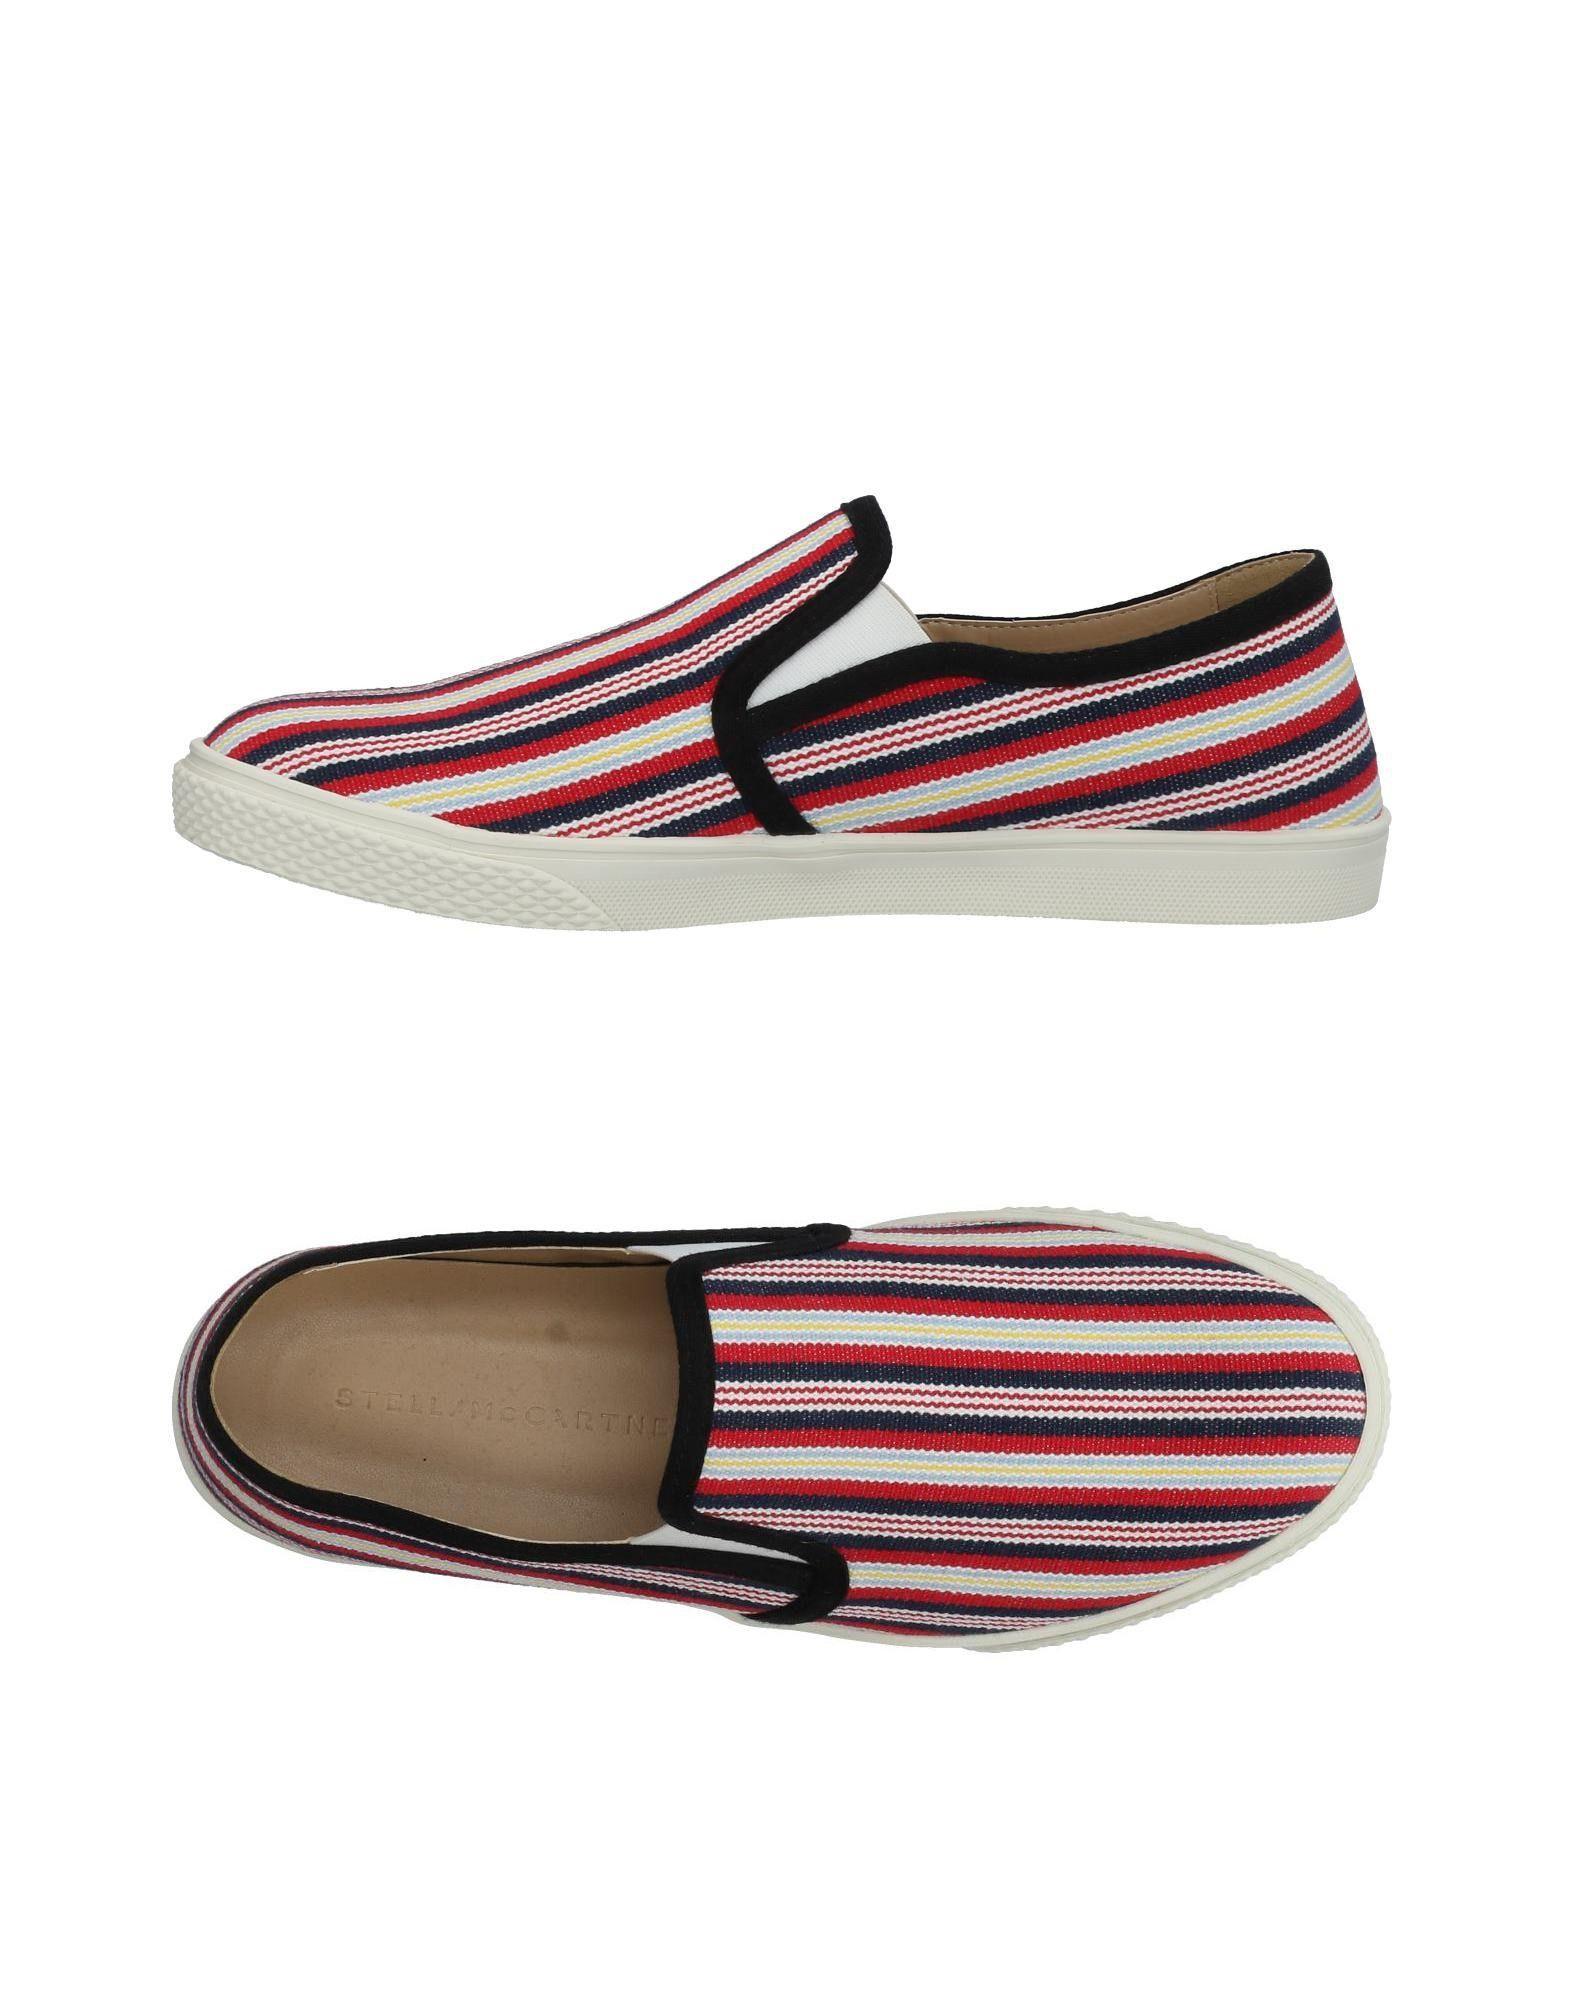 Stella Mccartney Sneakers Herren  11422525MW Gute Qualität beliebte Schuhe